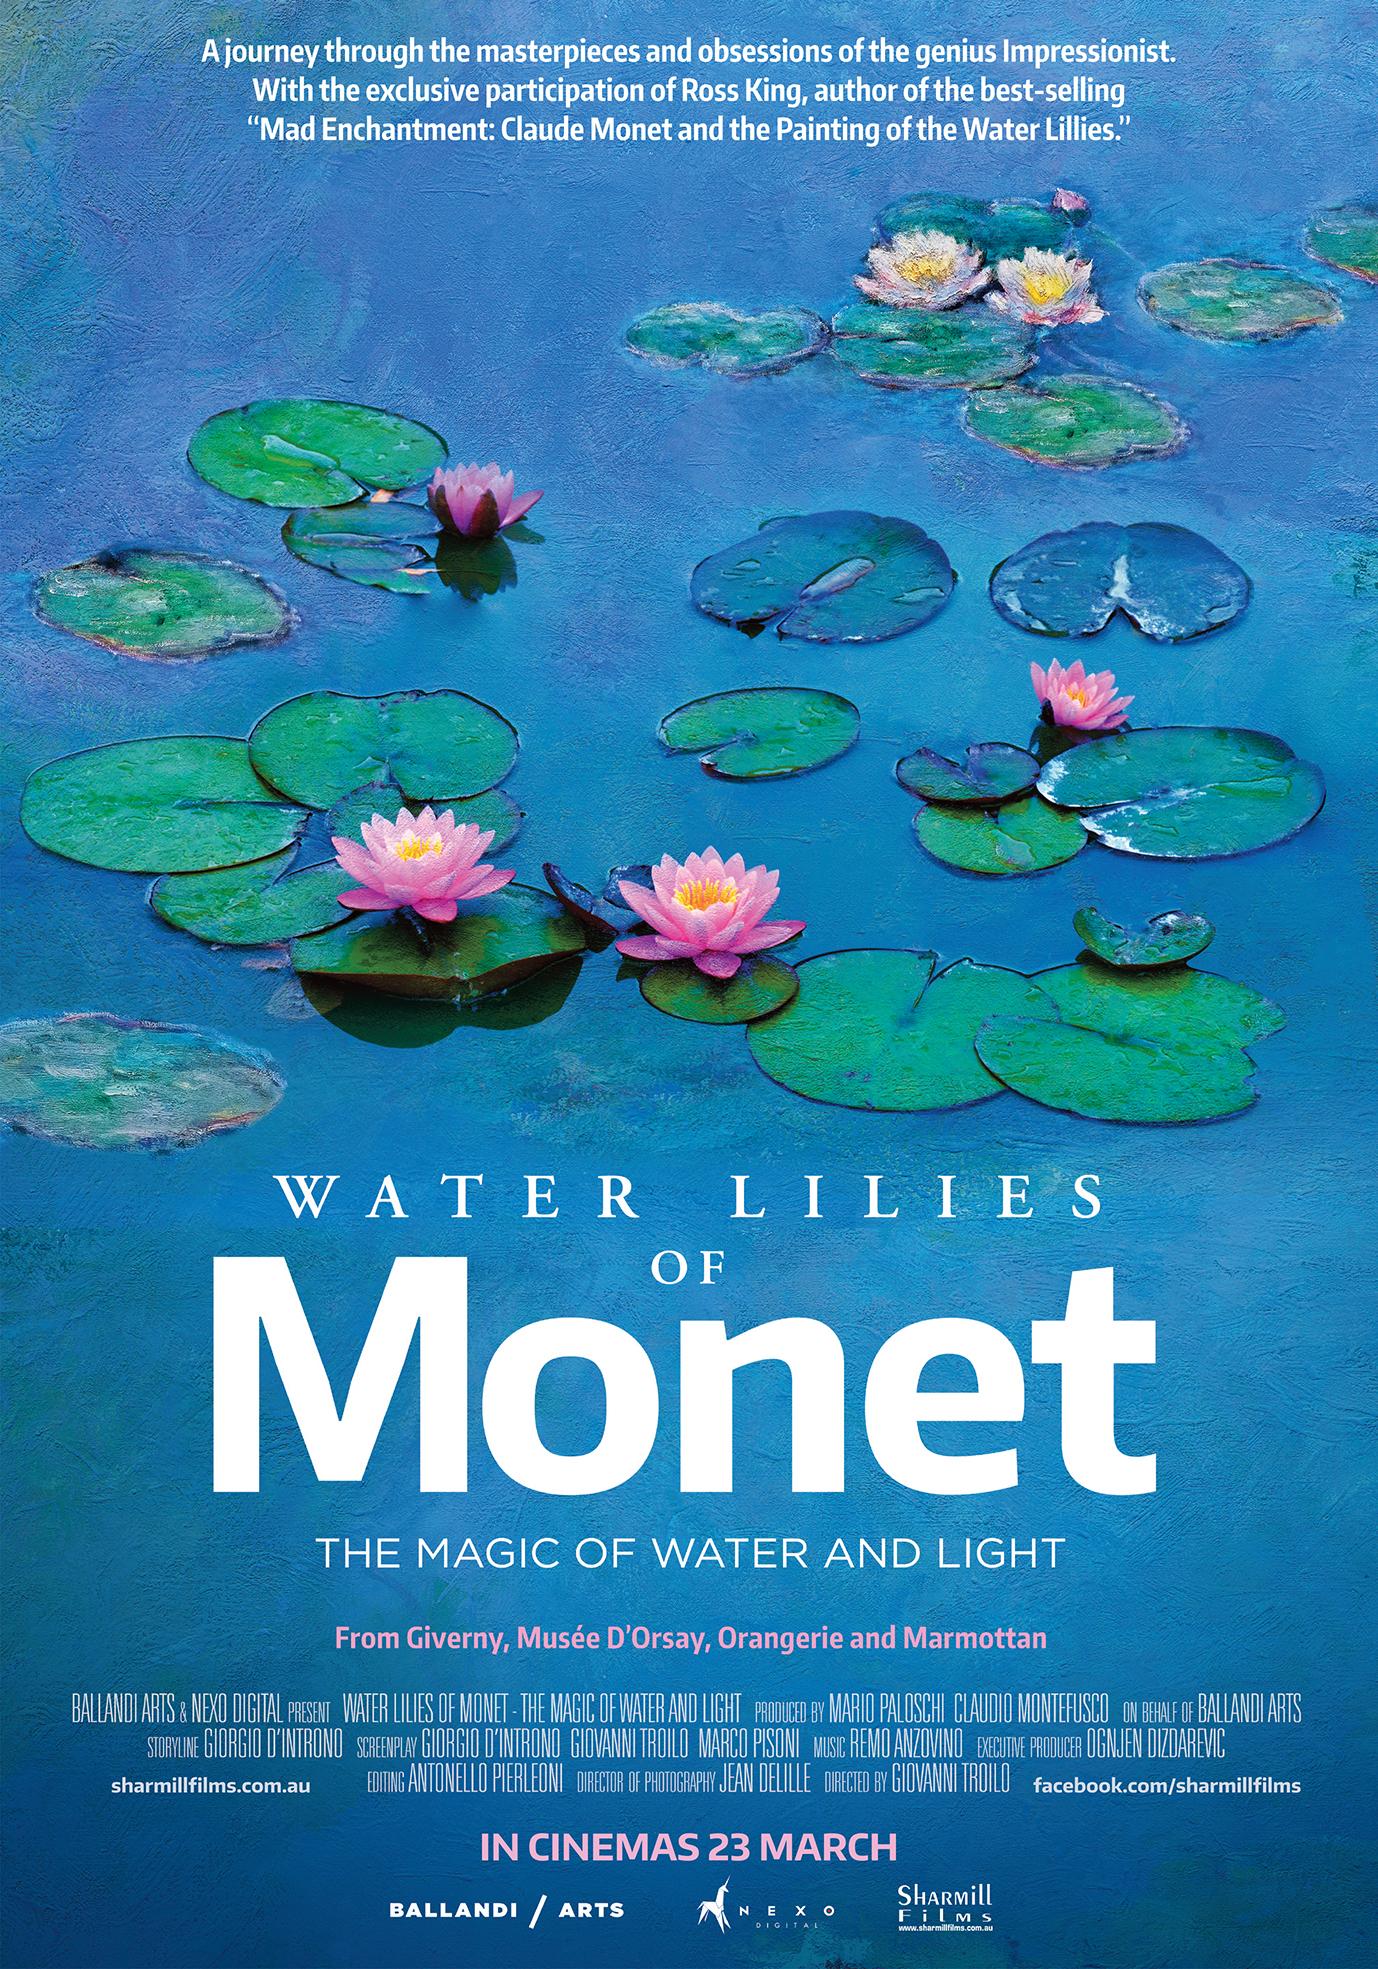 Monet-700x1000-Poster-V1.jpg